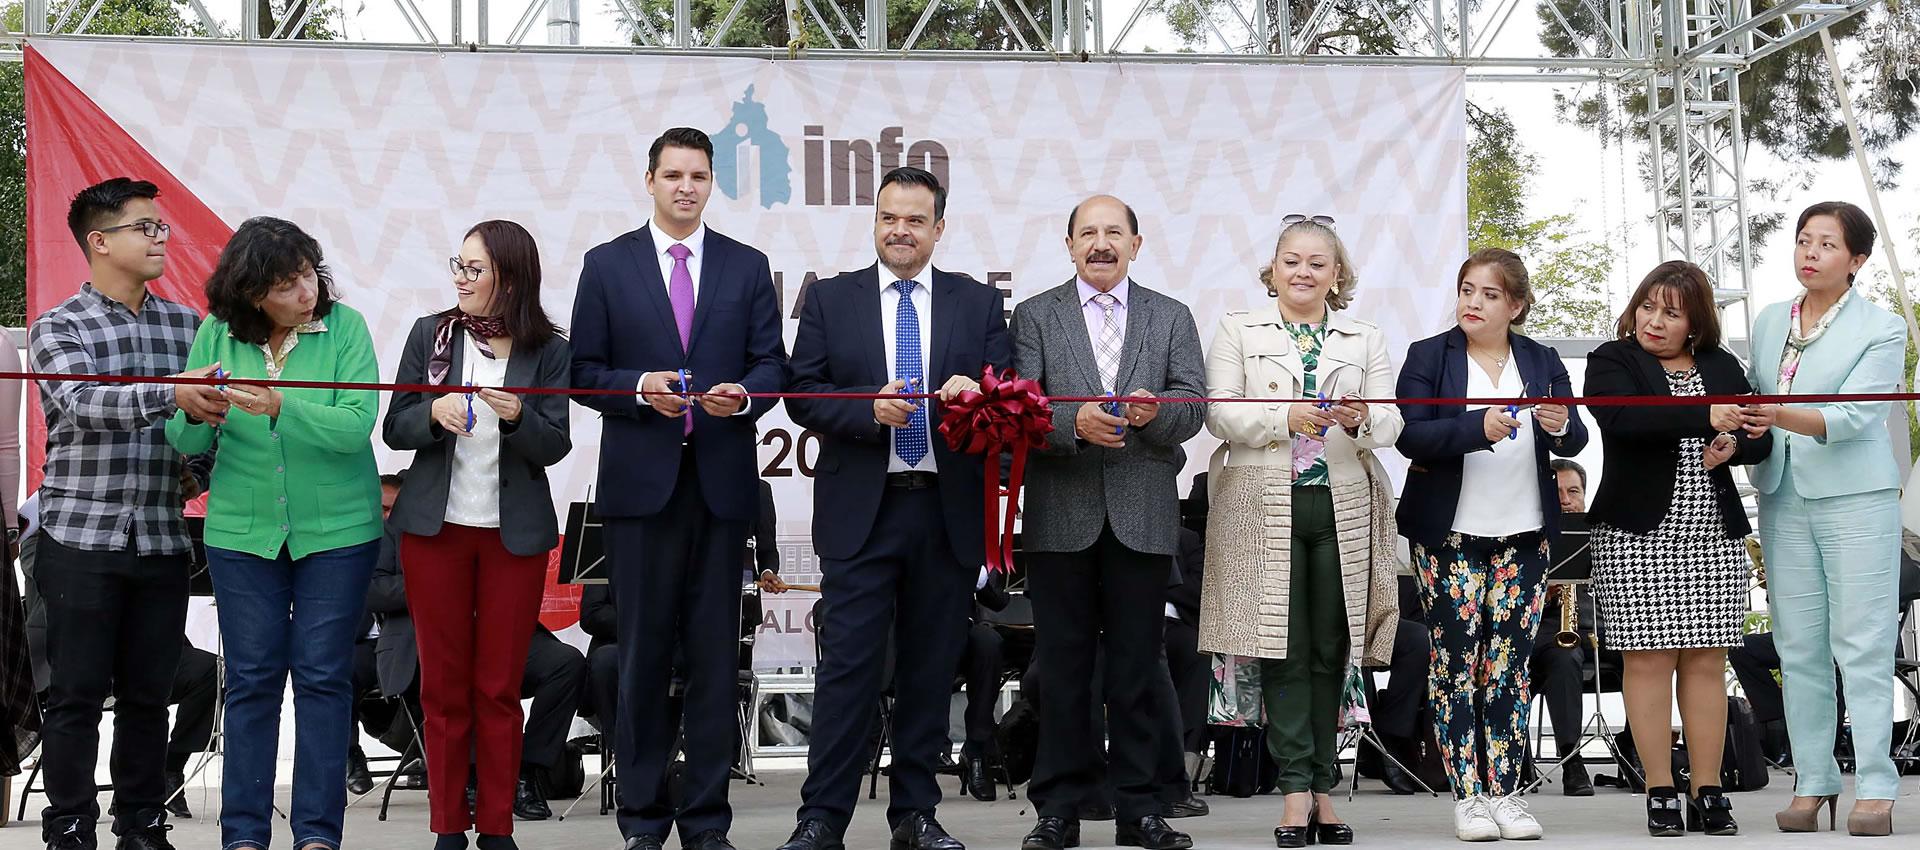 Se inaugura la Jornada por la Transparencia en la Alcaldía Iztacalco